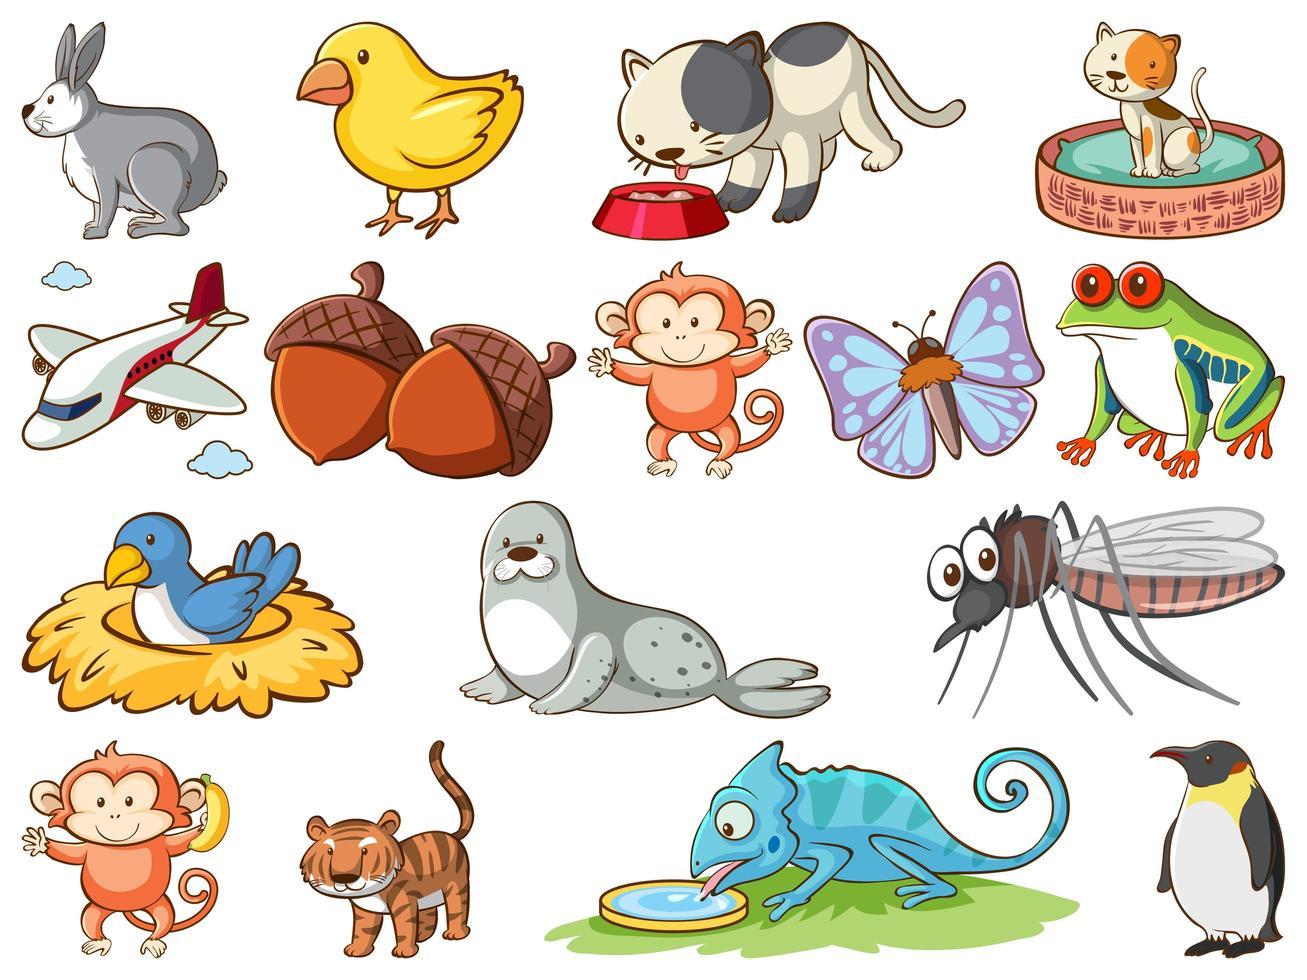 große Menge an Wildtieren mit vielen Arten von Tieren vektor